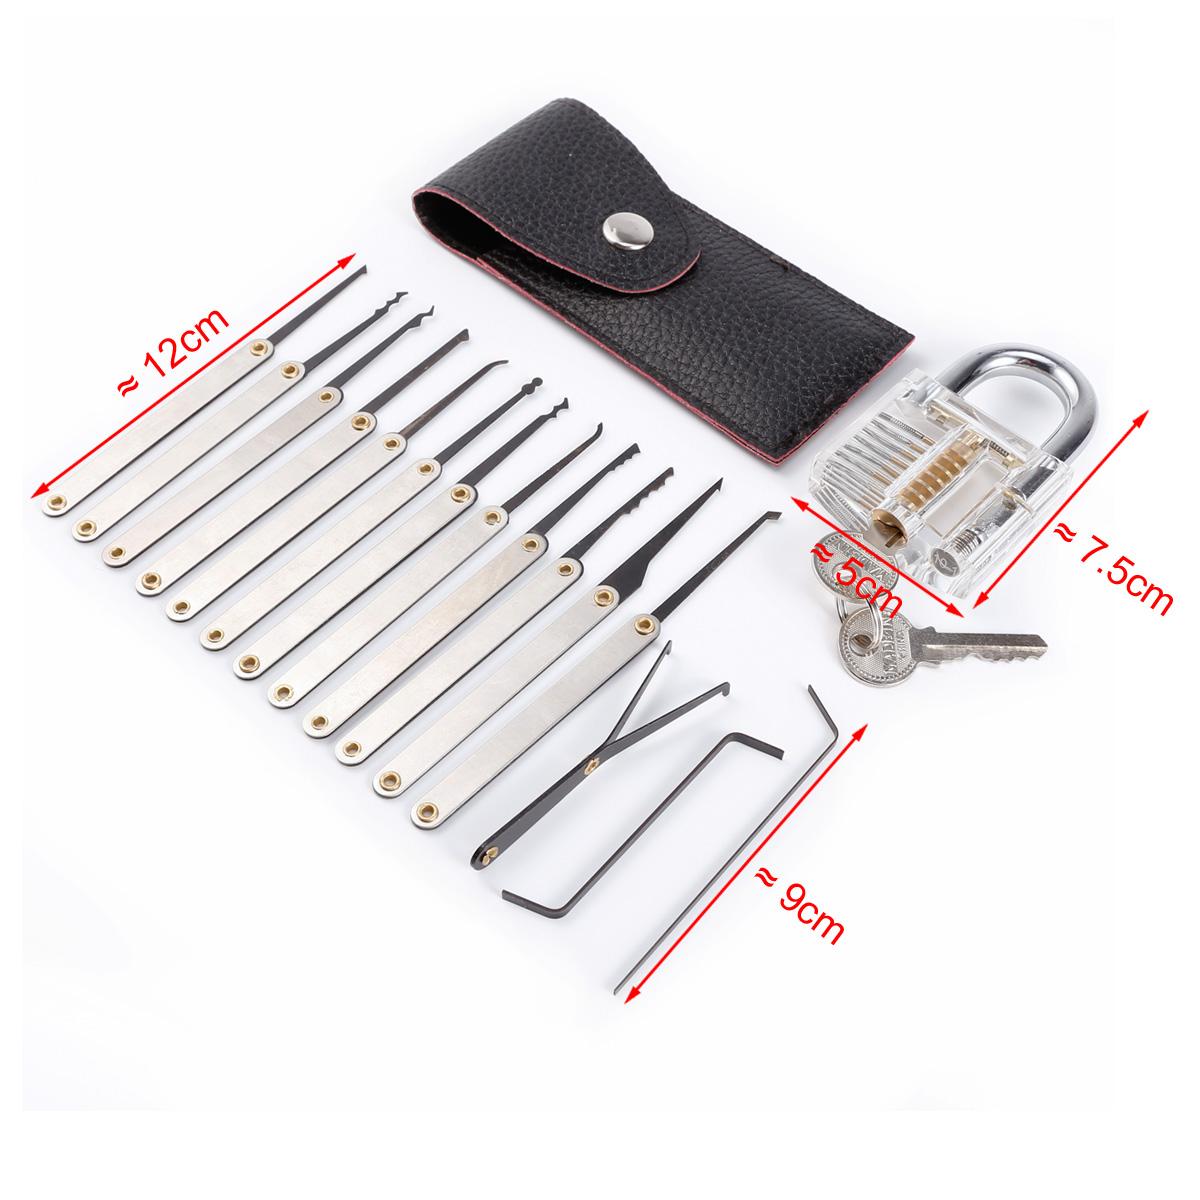 kit cadenas transparent pour entra nement cl 15 outils de serrurier tui ebay. Black Bedroom Furniture Sets. Home Design Ideas